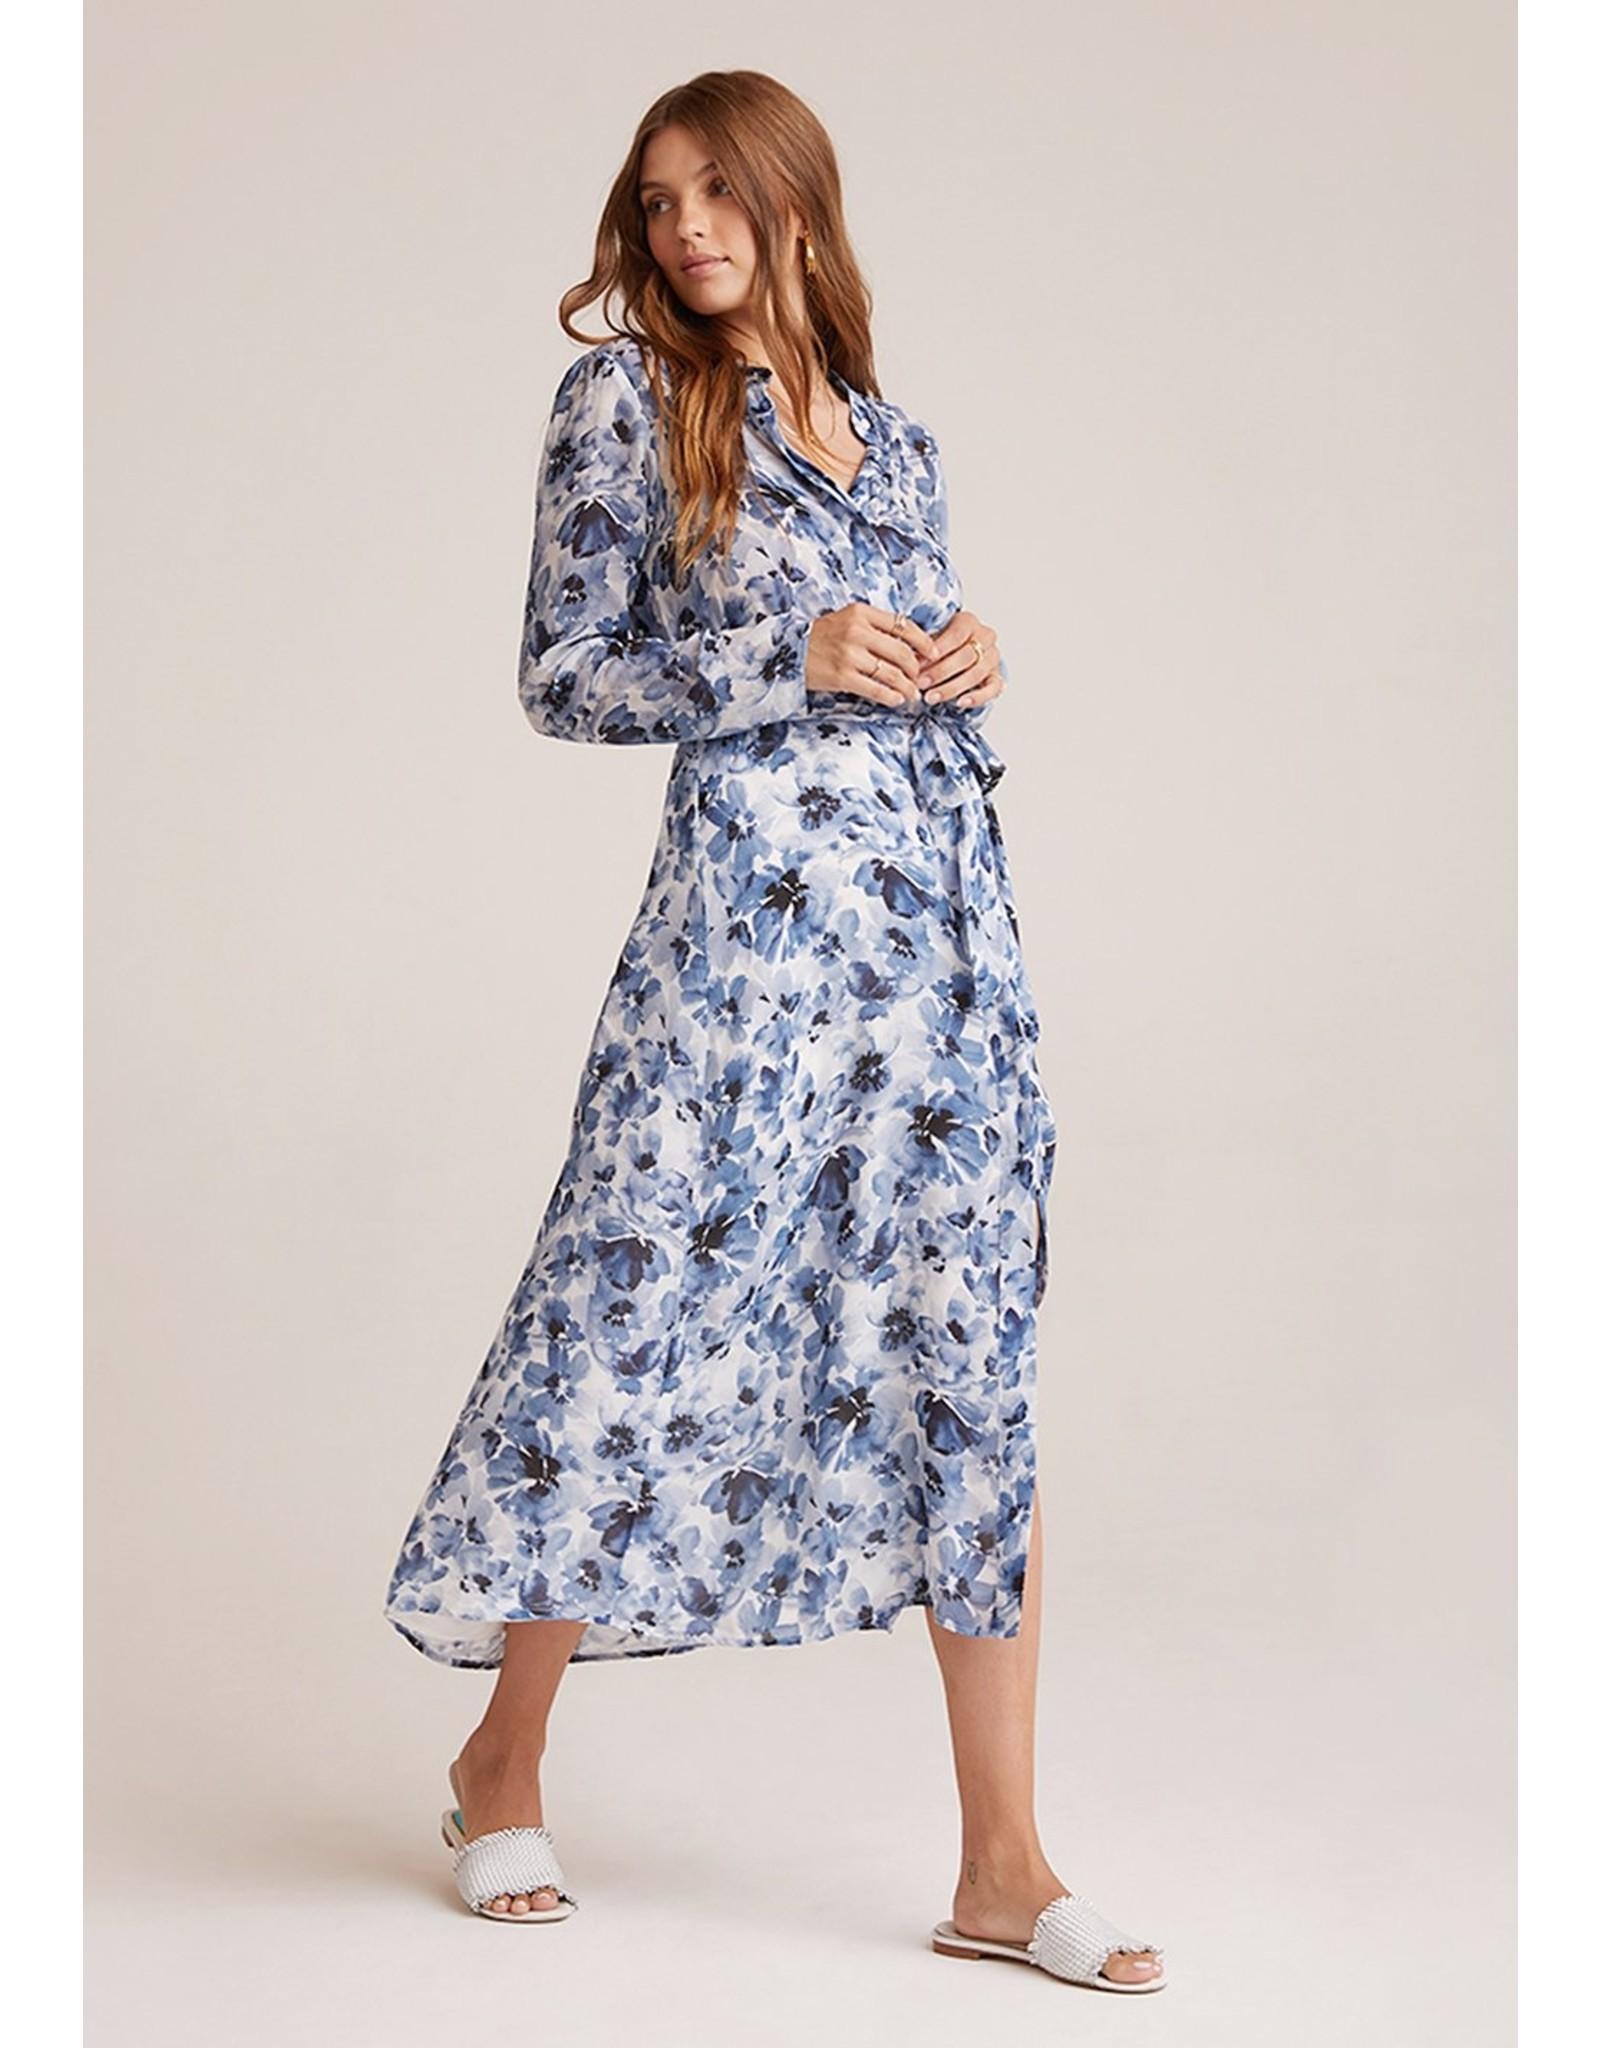 Bella Dahl Floral Maxi Shirt Dress